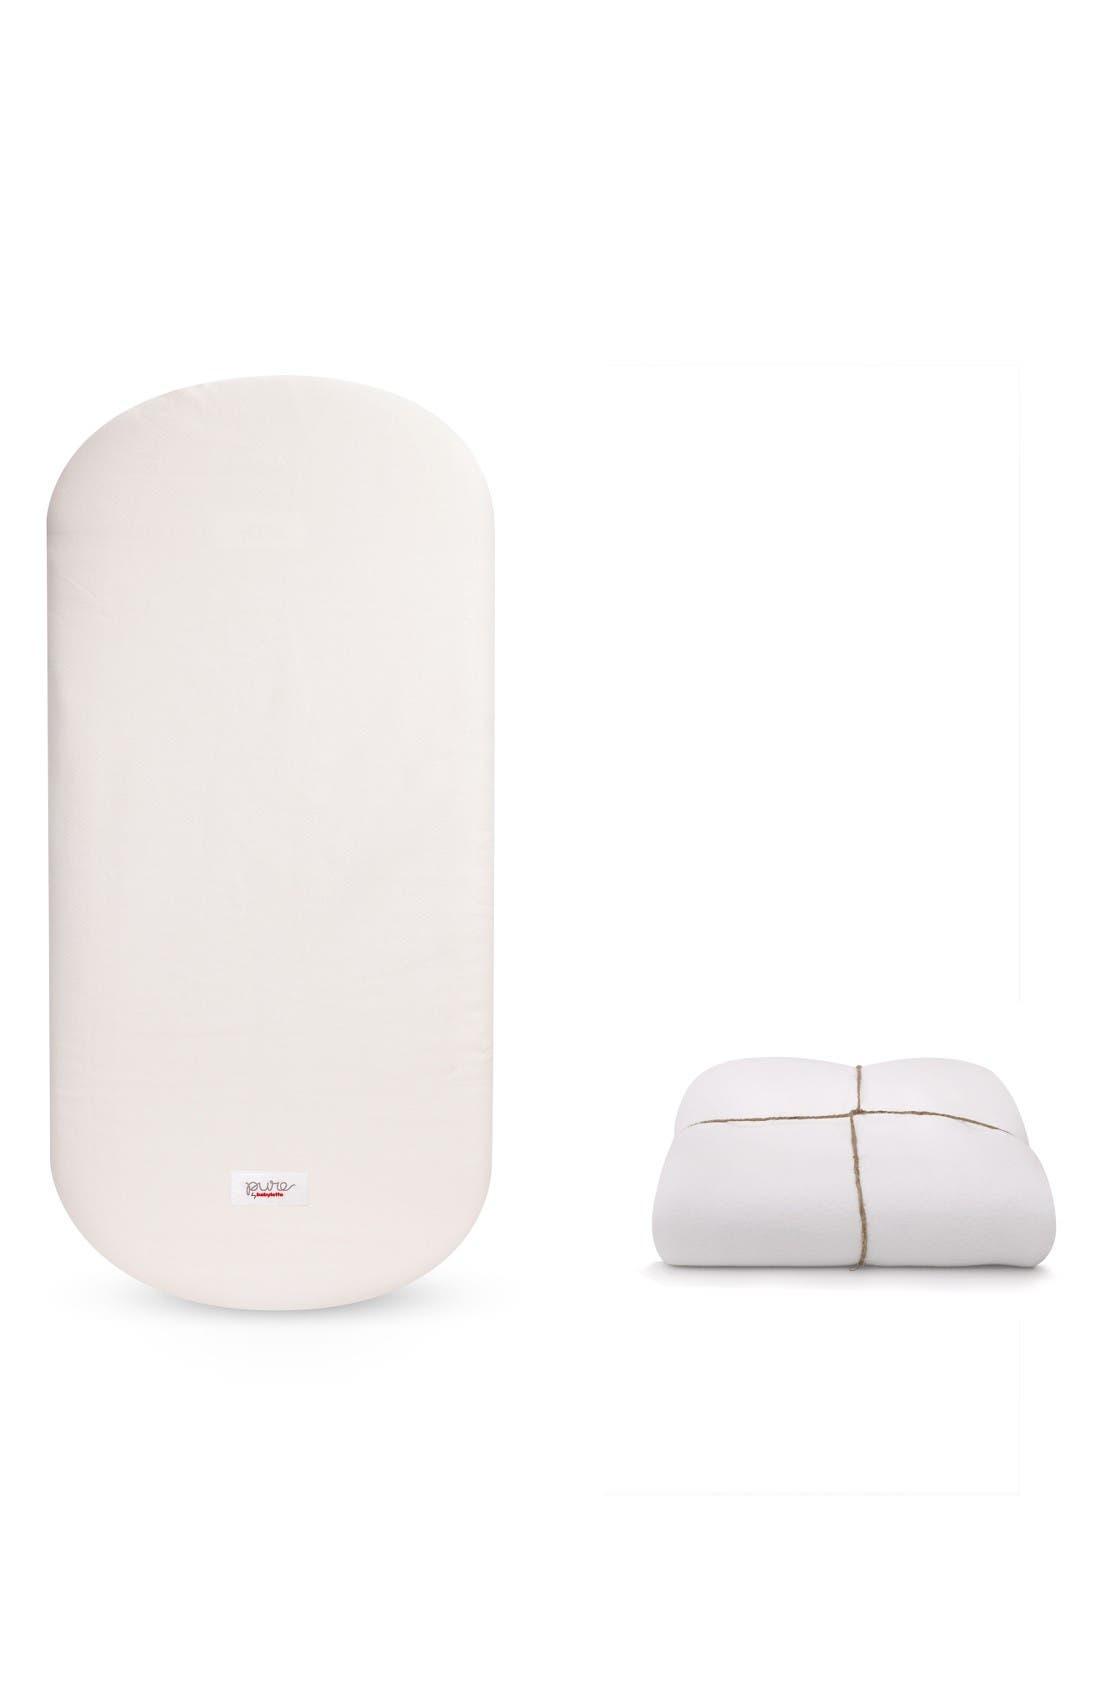 Hula Pure Coco Core Nontoxic Oval Crib Mattress & Water Repellent Cover,                         Main,                         color, White